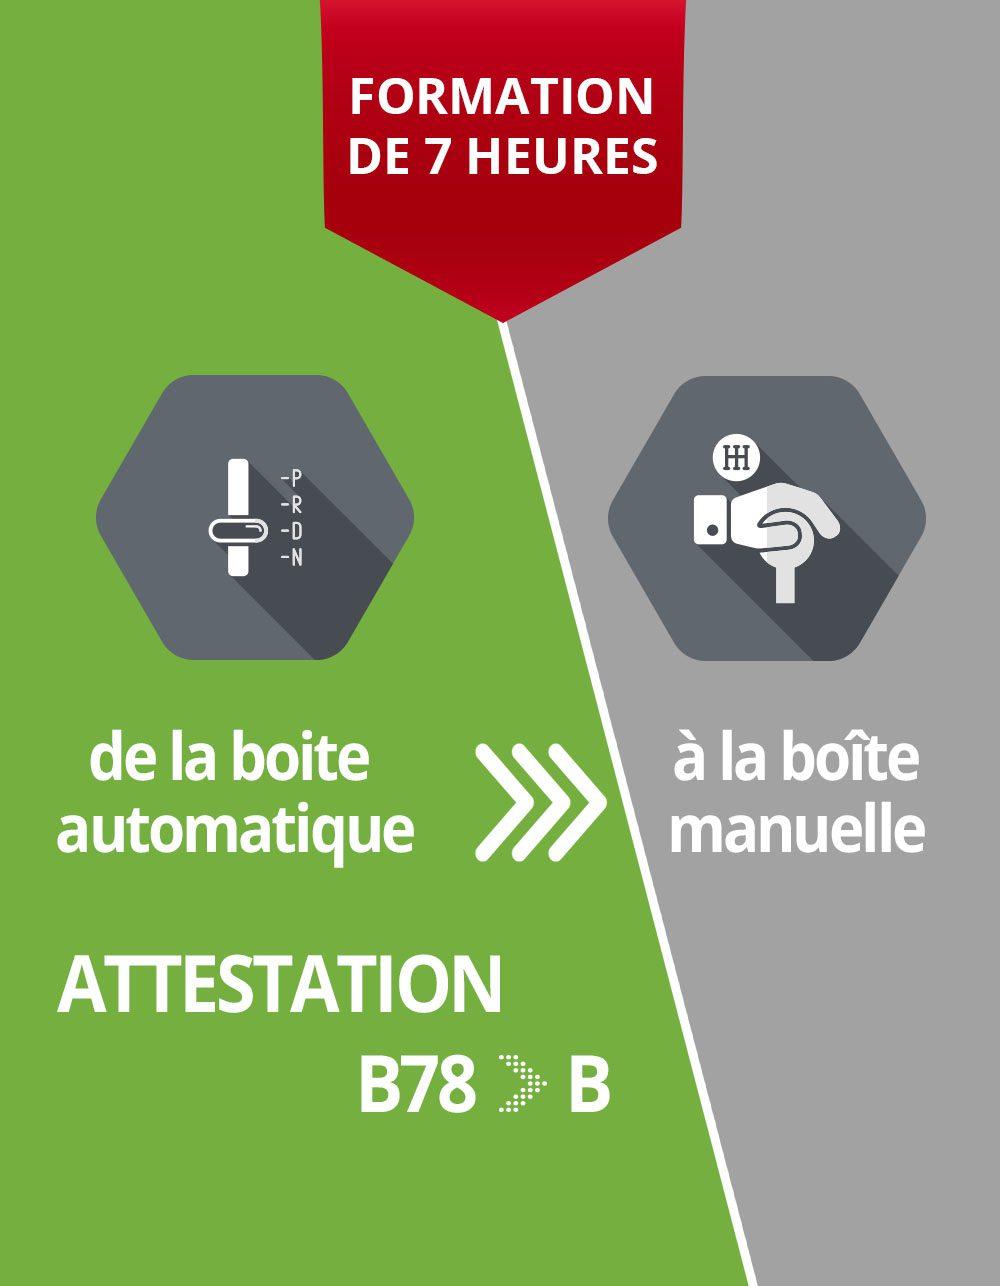 attestation_b78_b